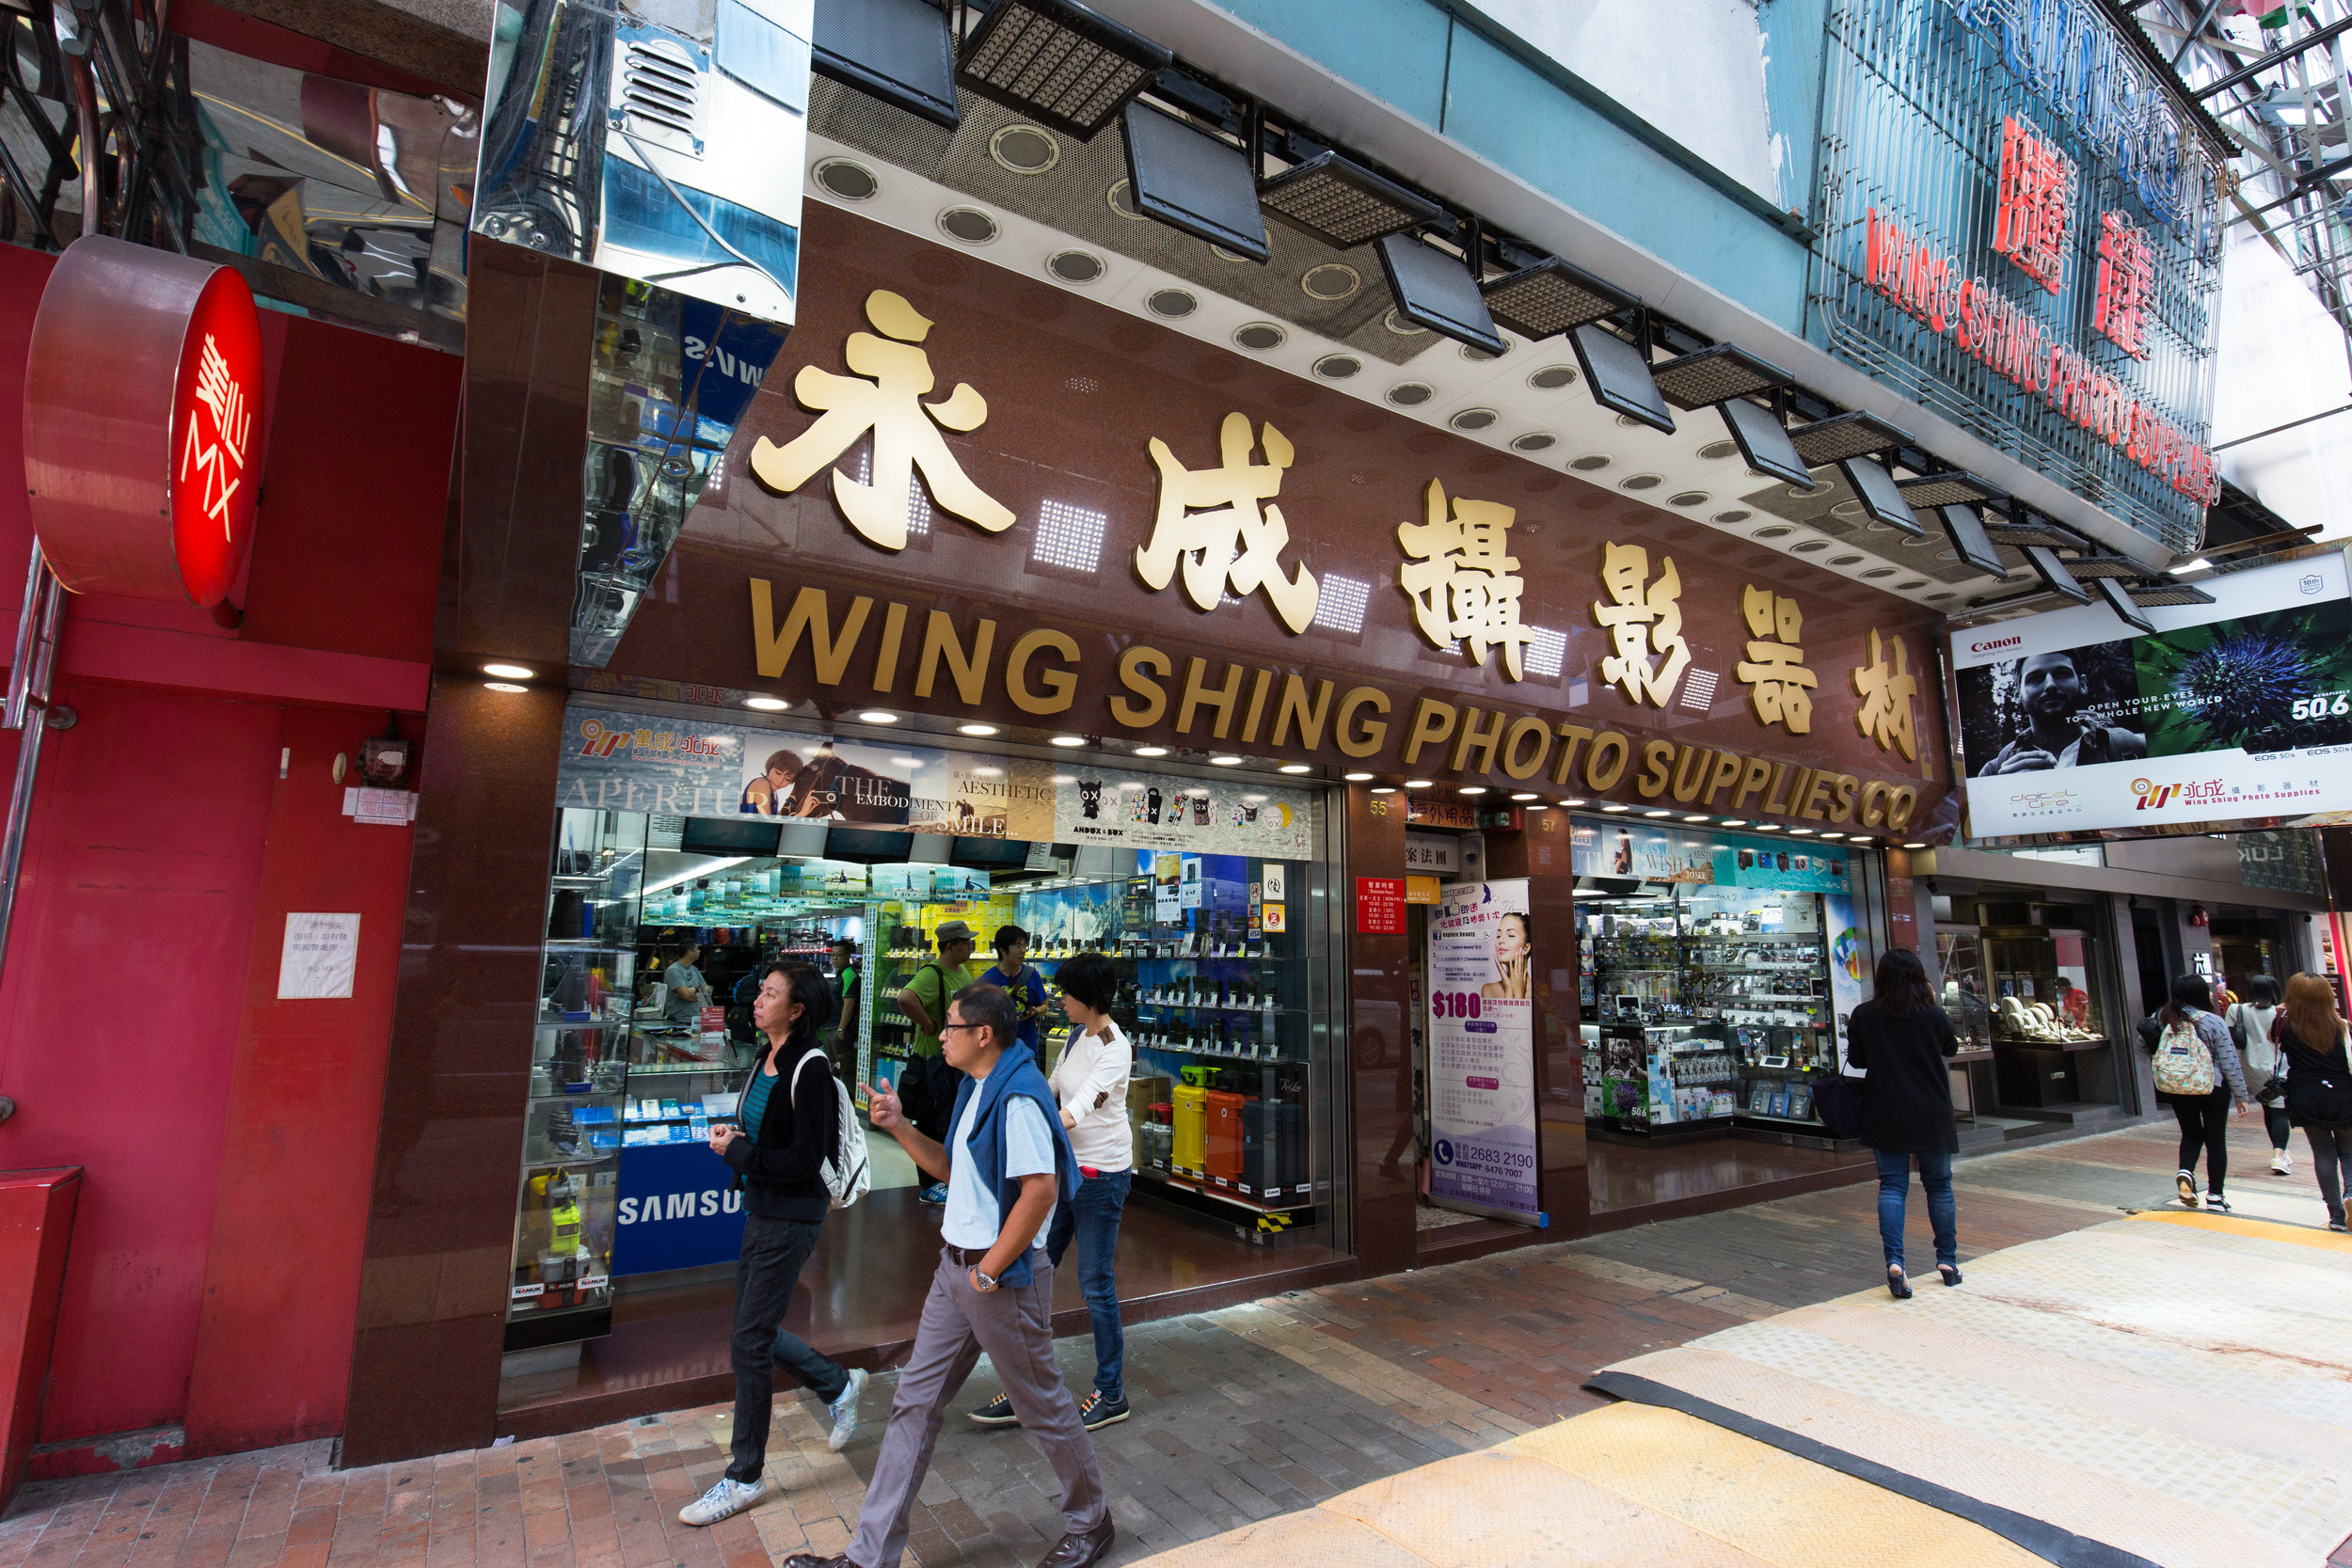 The Wing Shing Photo Supplies Co. camera store in Mongkok Hong Kong